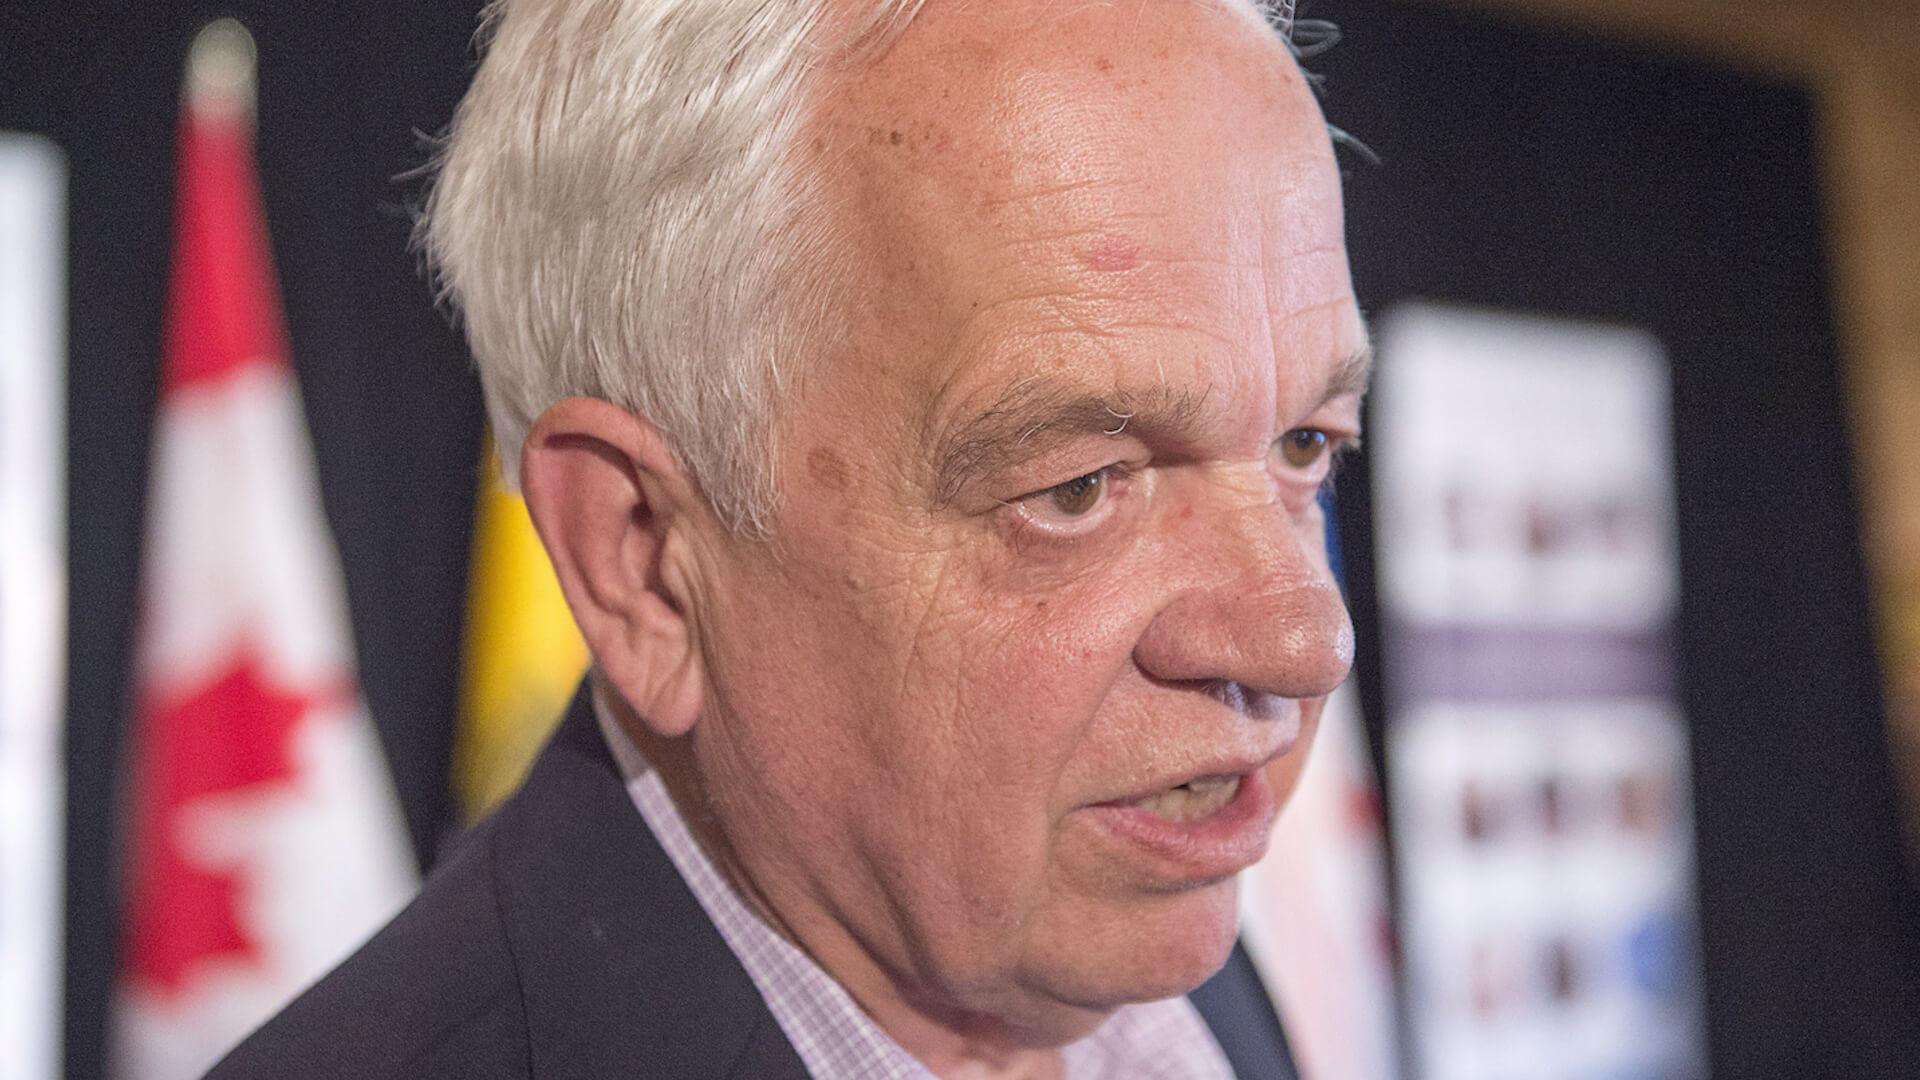 MJ Consultoria Ministro imigração  Governo Federal anuncia novo programa de imigração para a Costa Atlântica do Canadá MJ Consultoria Ministro imigrac  a  o